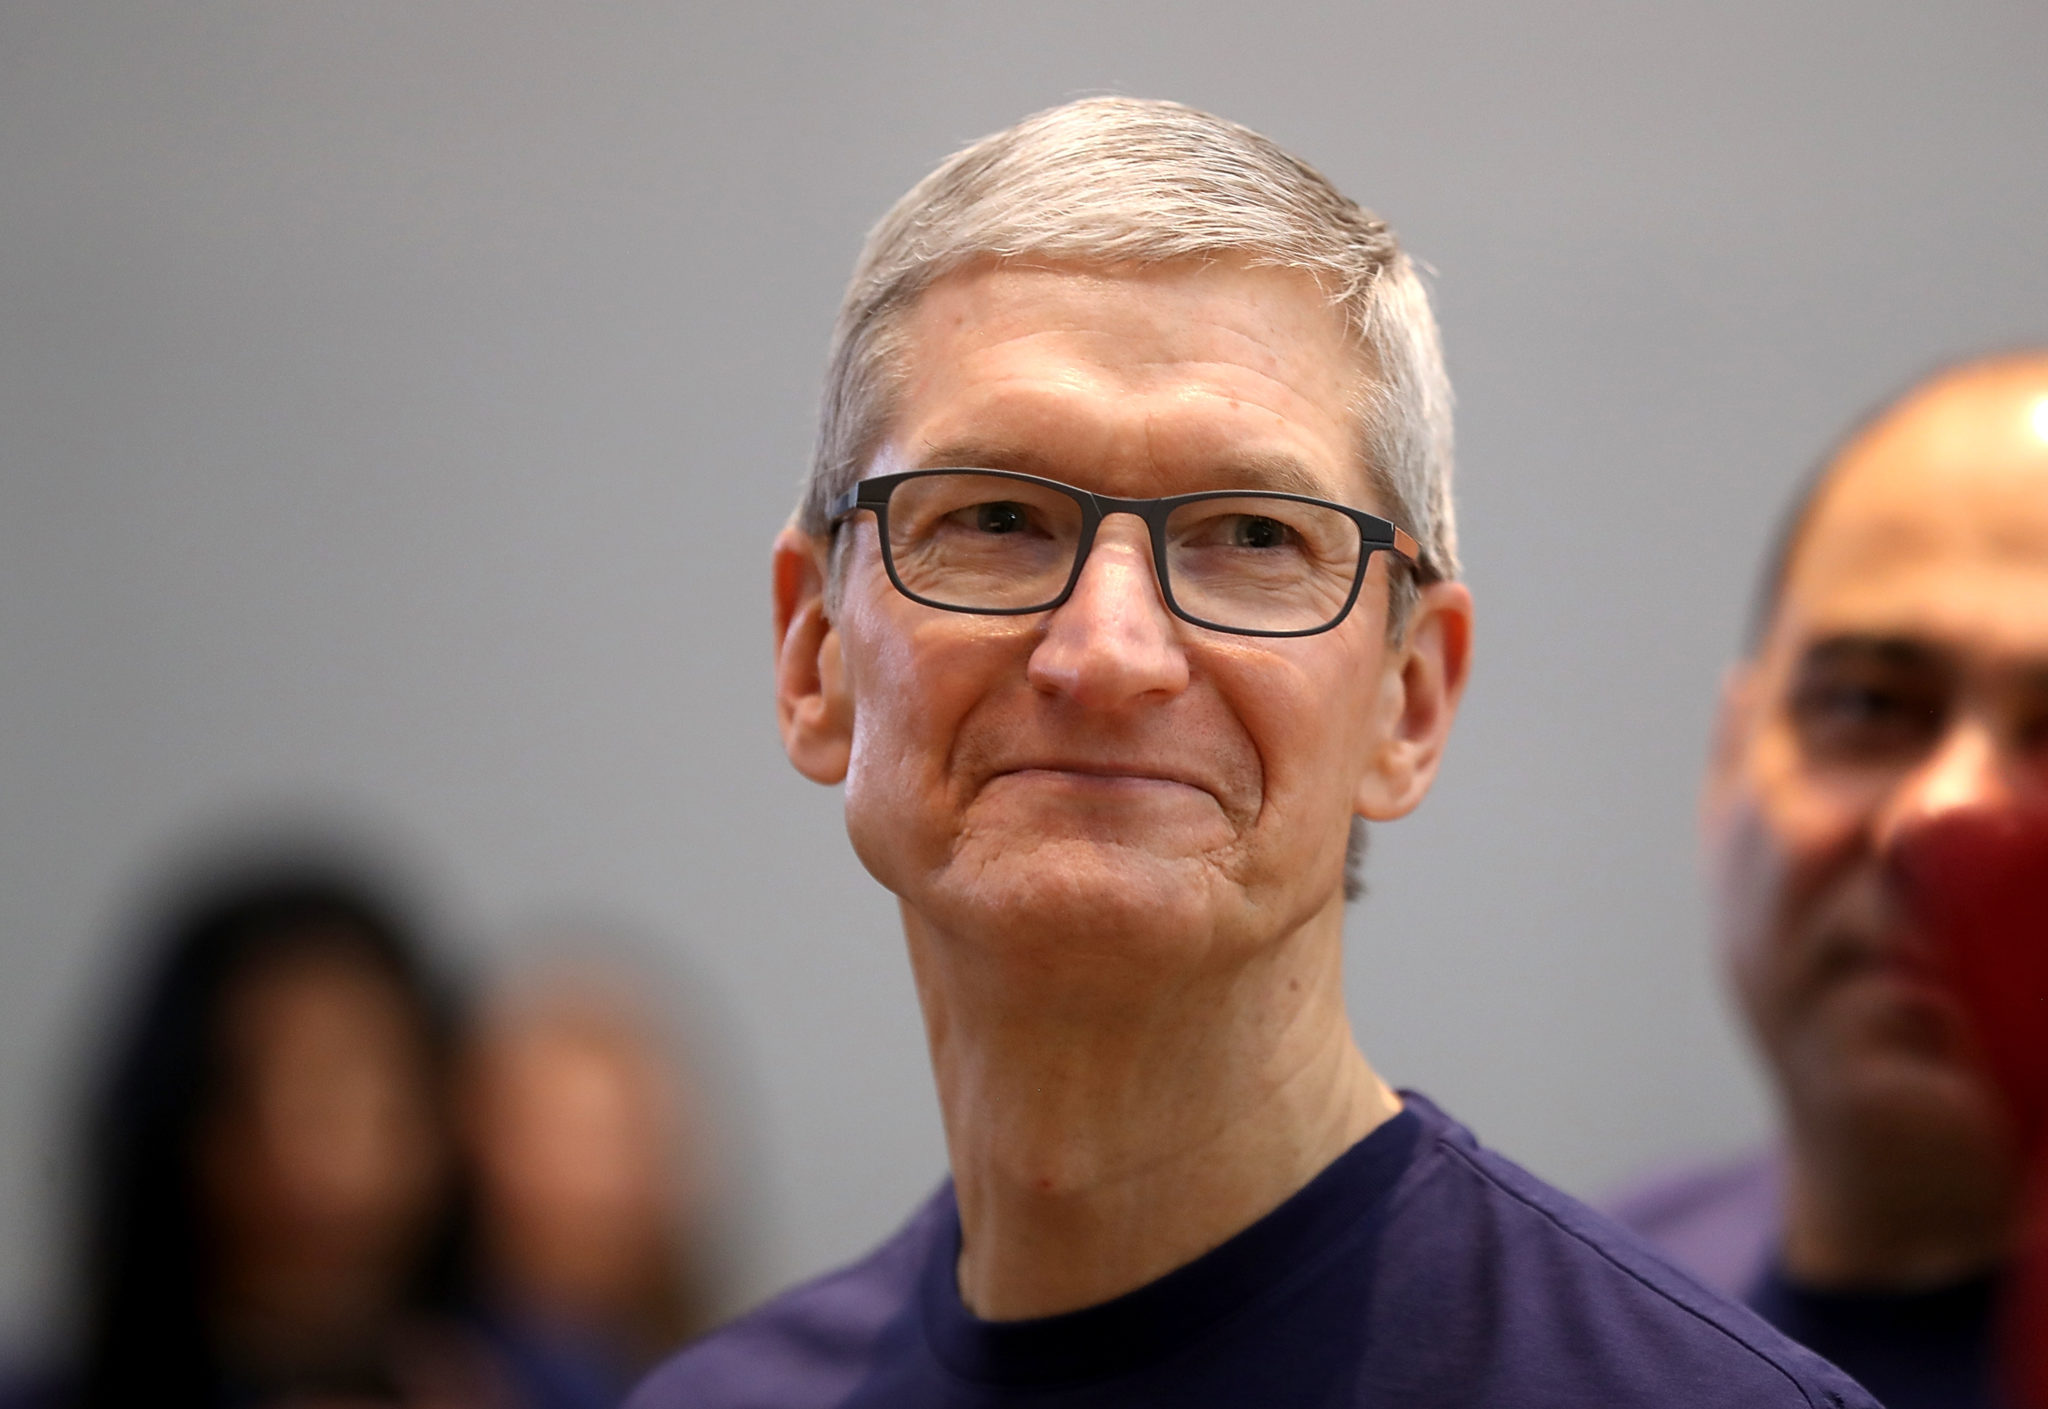 Компания apple впервые подарила своему главе тиму куку крупный пакет акций